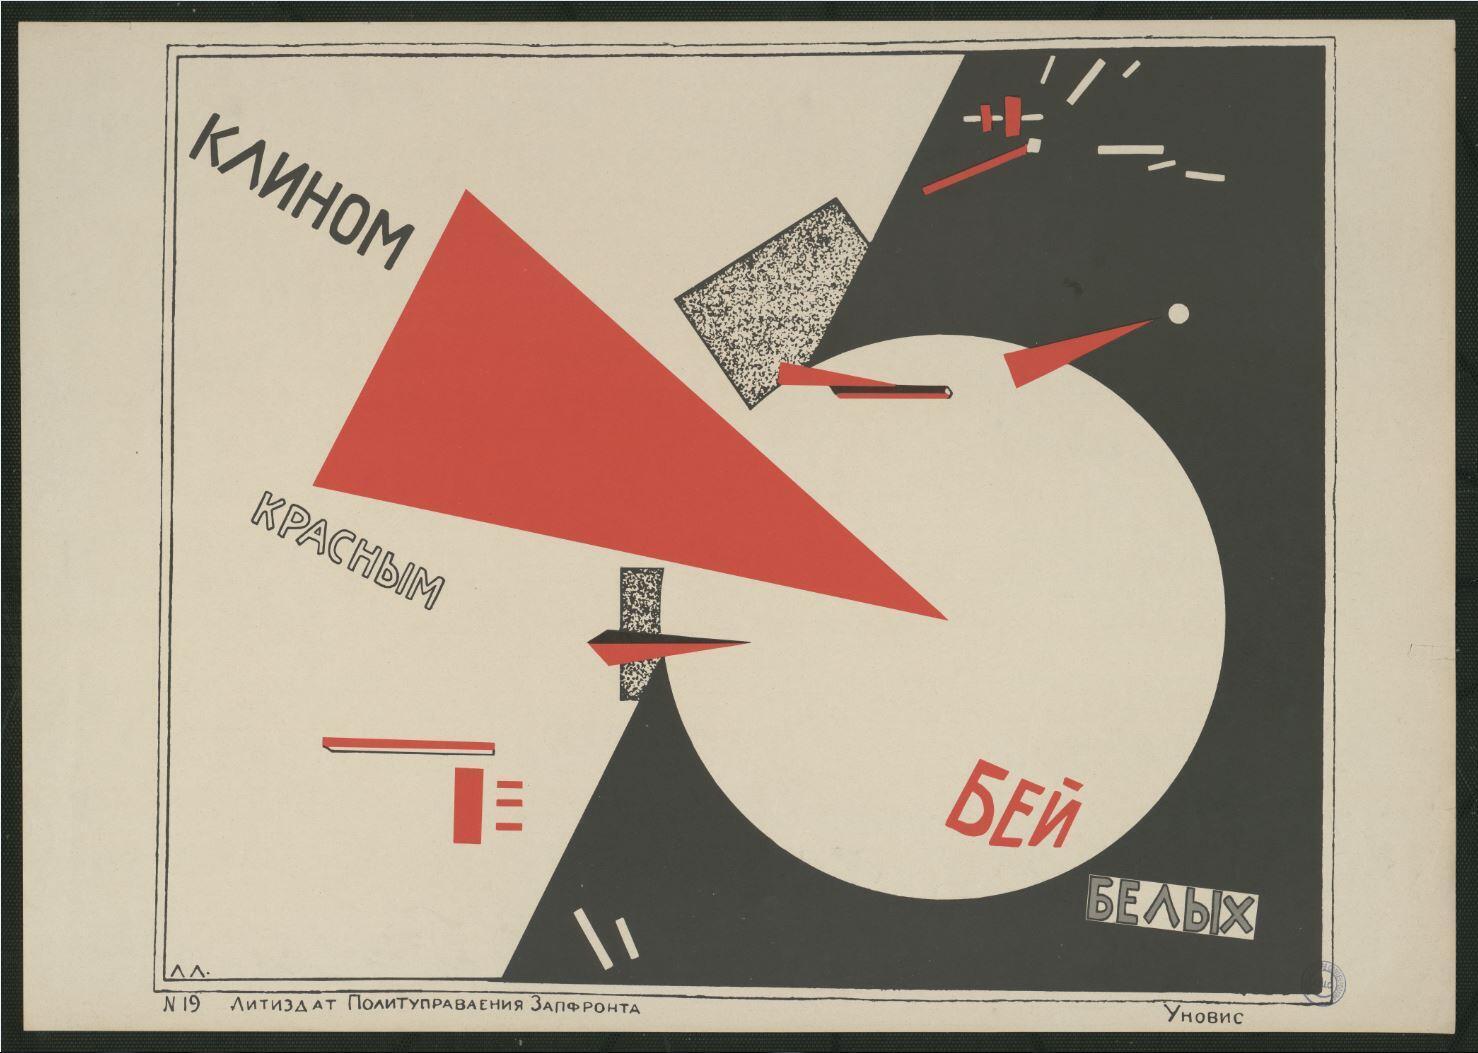 «Клином красным бей белых!» — пропагандистский плакат художника Эля Лисицкого, 1920 г.